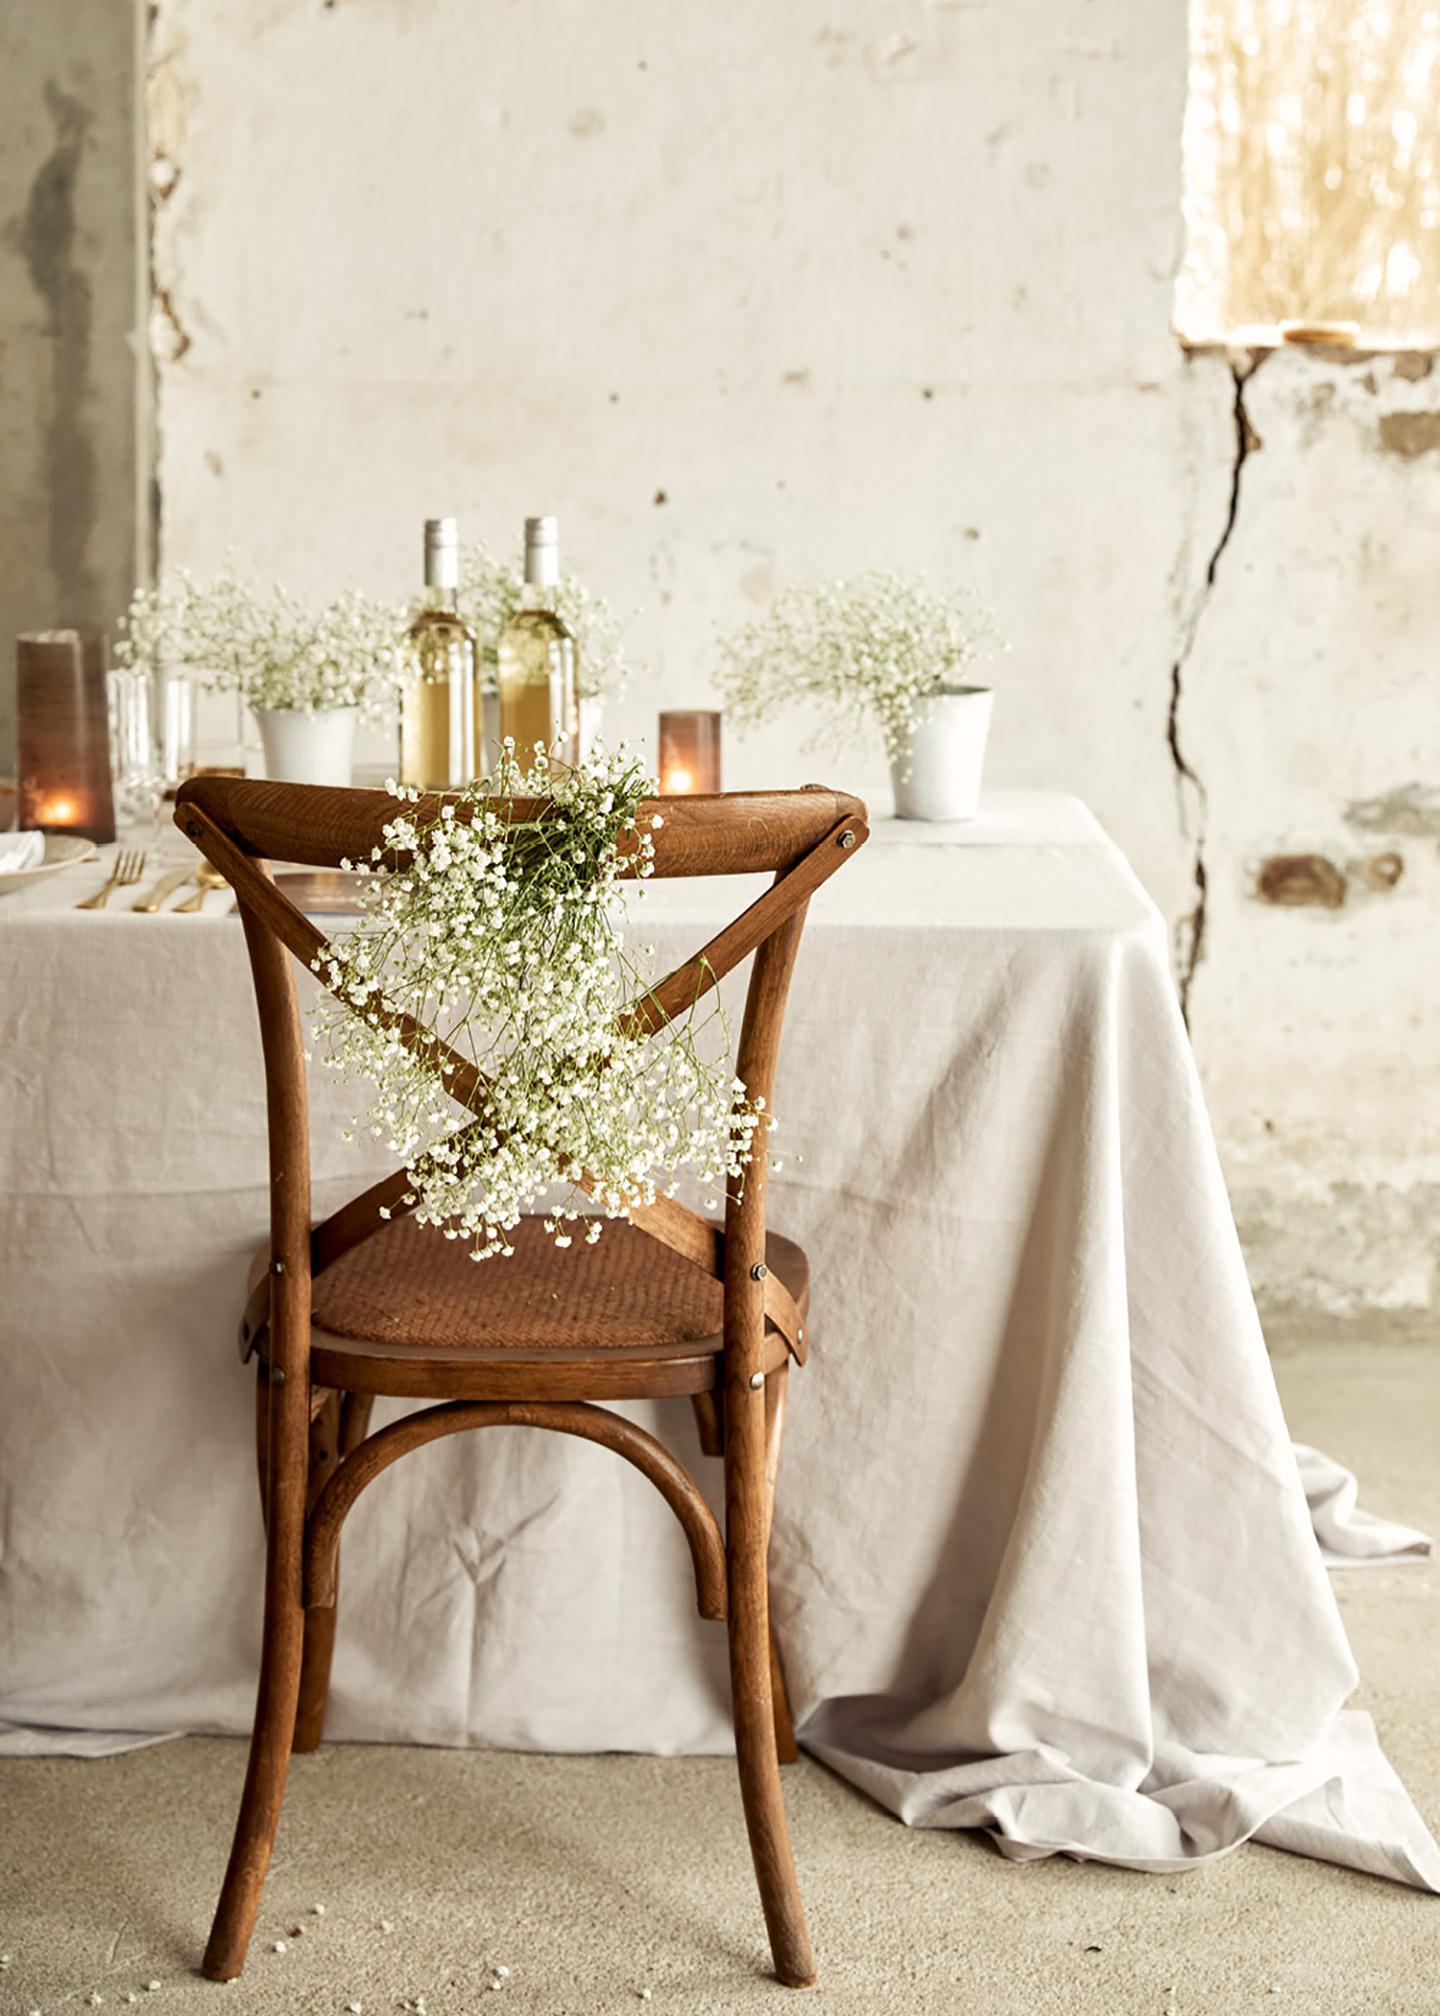 Tischdeko Hochzeit: Eine rustikale Location im Shabby-Chic-Look, ein im Vintage Stil dekorierter Hochzeitstisch mit weißer Tischdecke und dunklen Stühlen sowie goldenes Besteck und Schleierkraut geben ein harmonisches Bild.